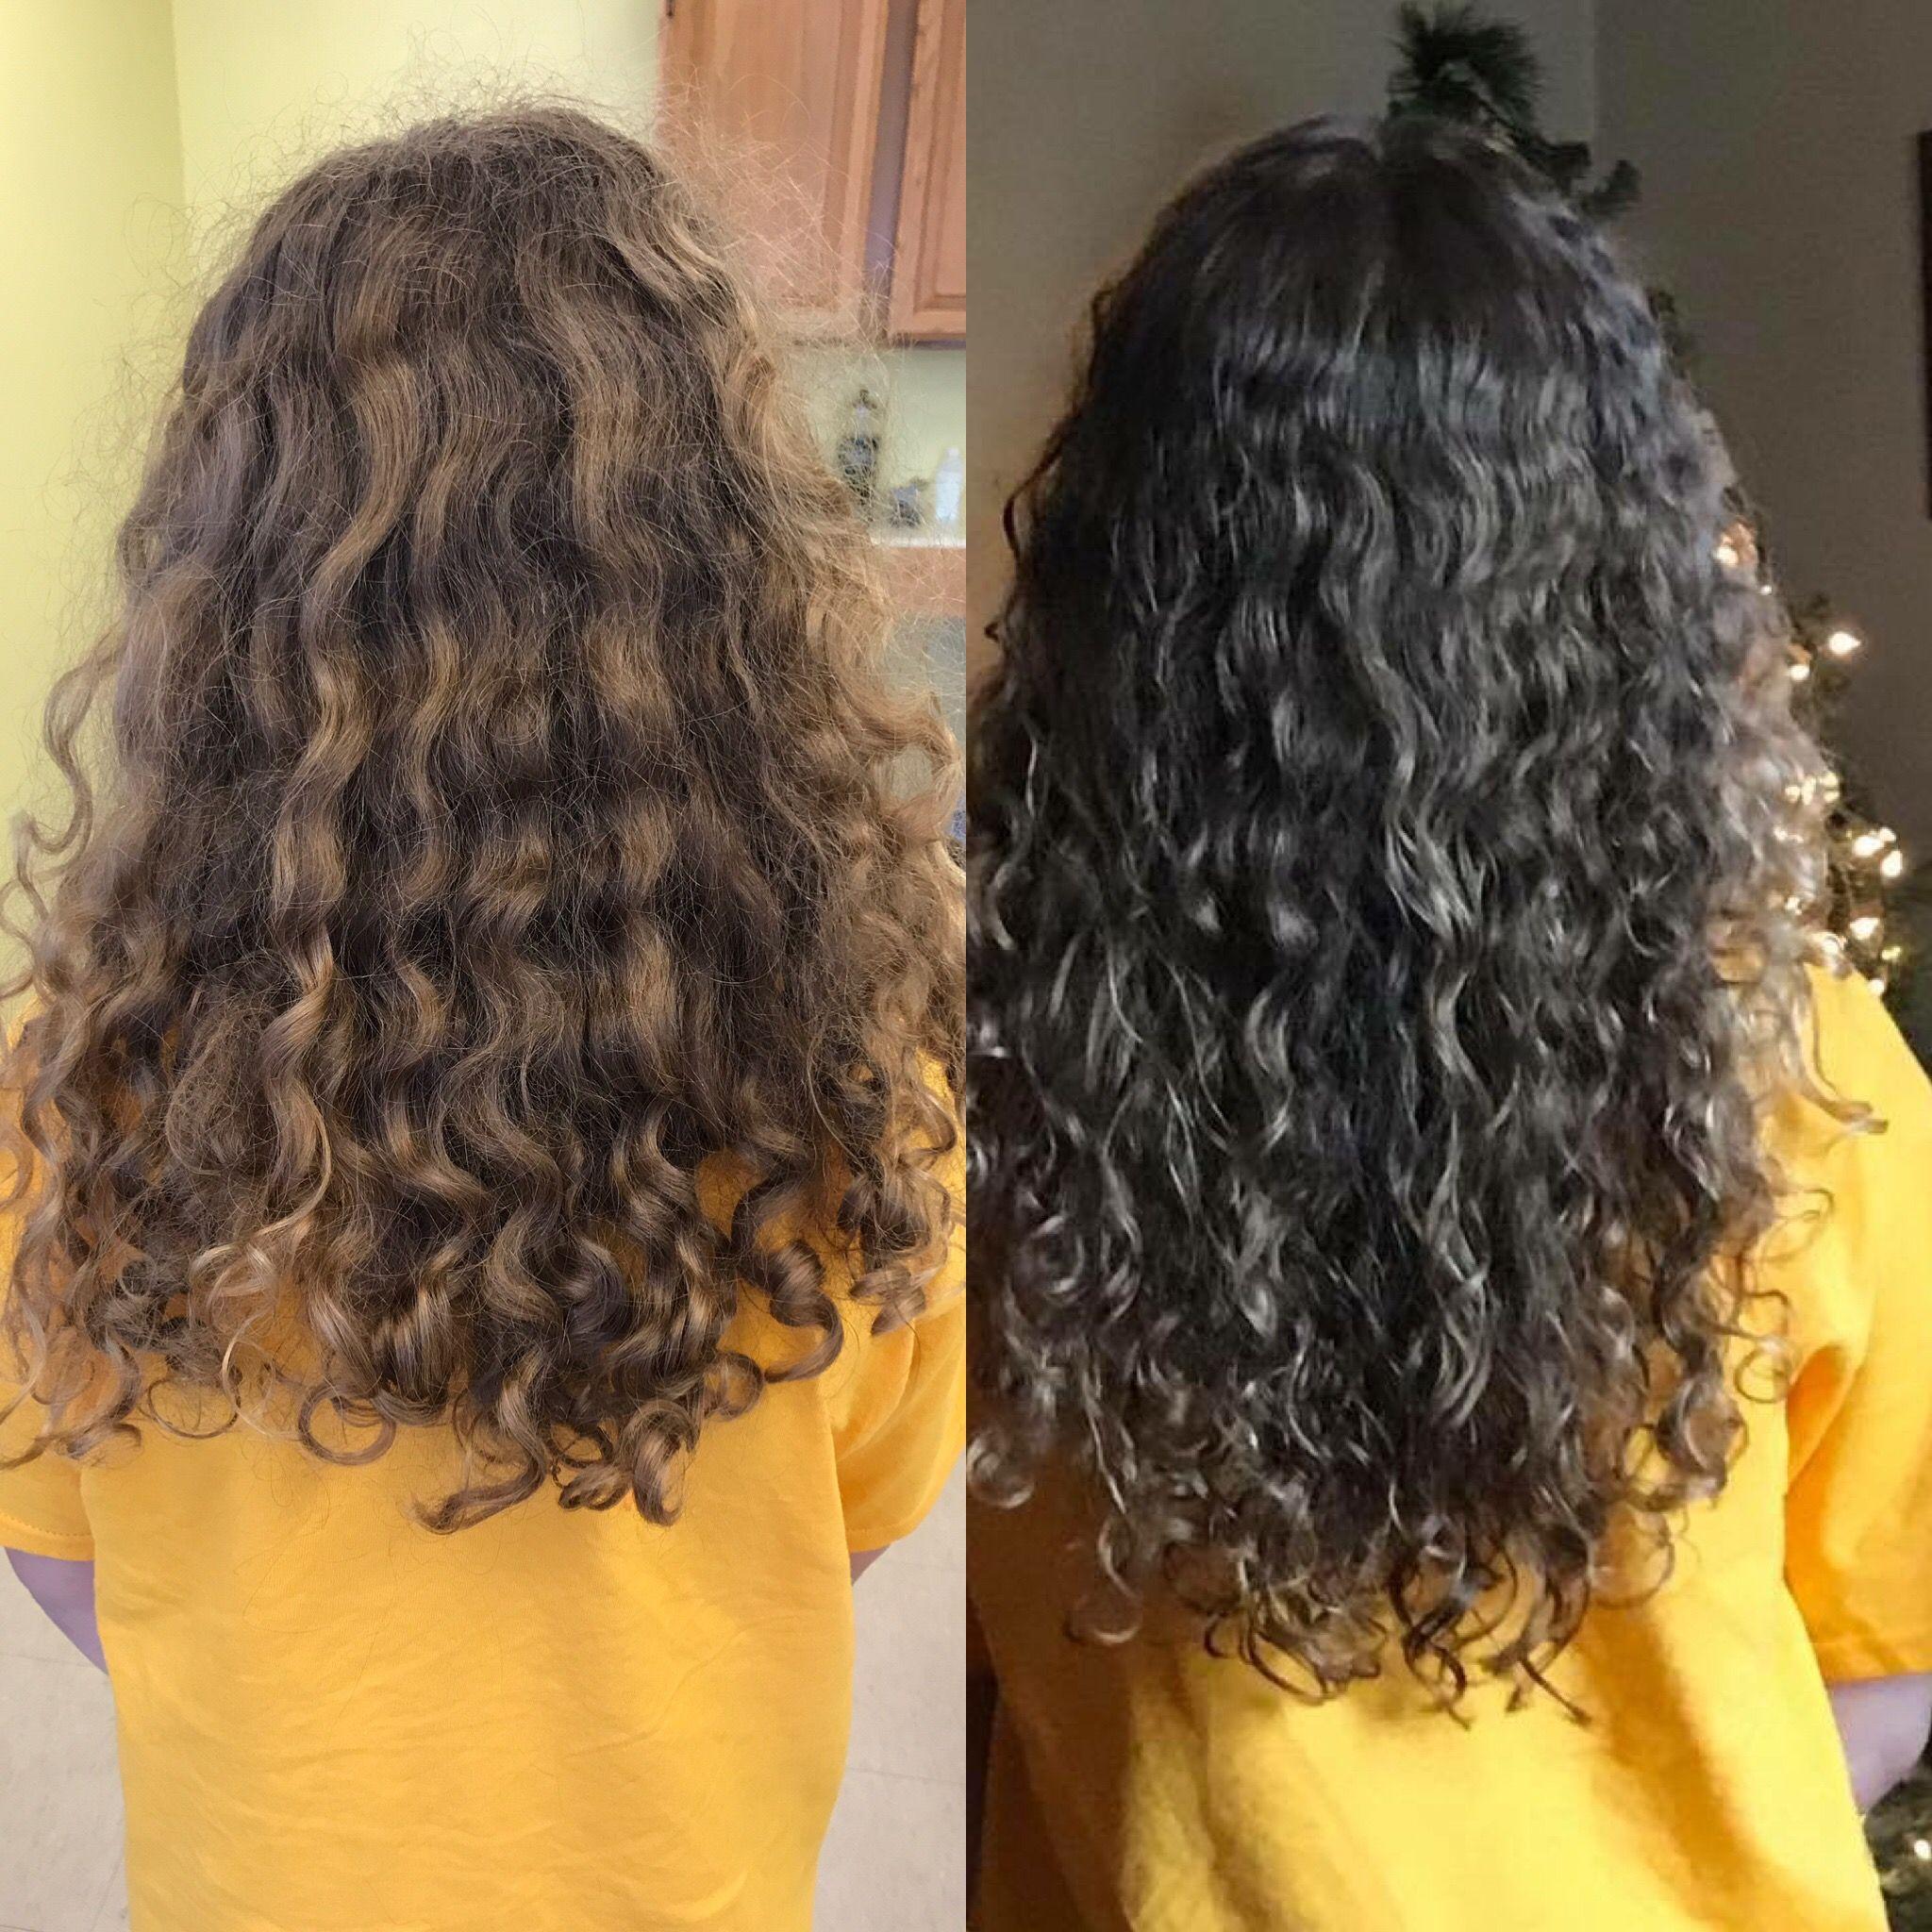 Hair Loss Cure Monat Hair Hair Growth For Men Dramatic Hair